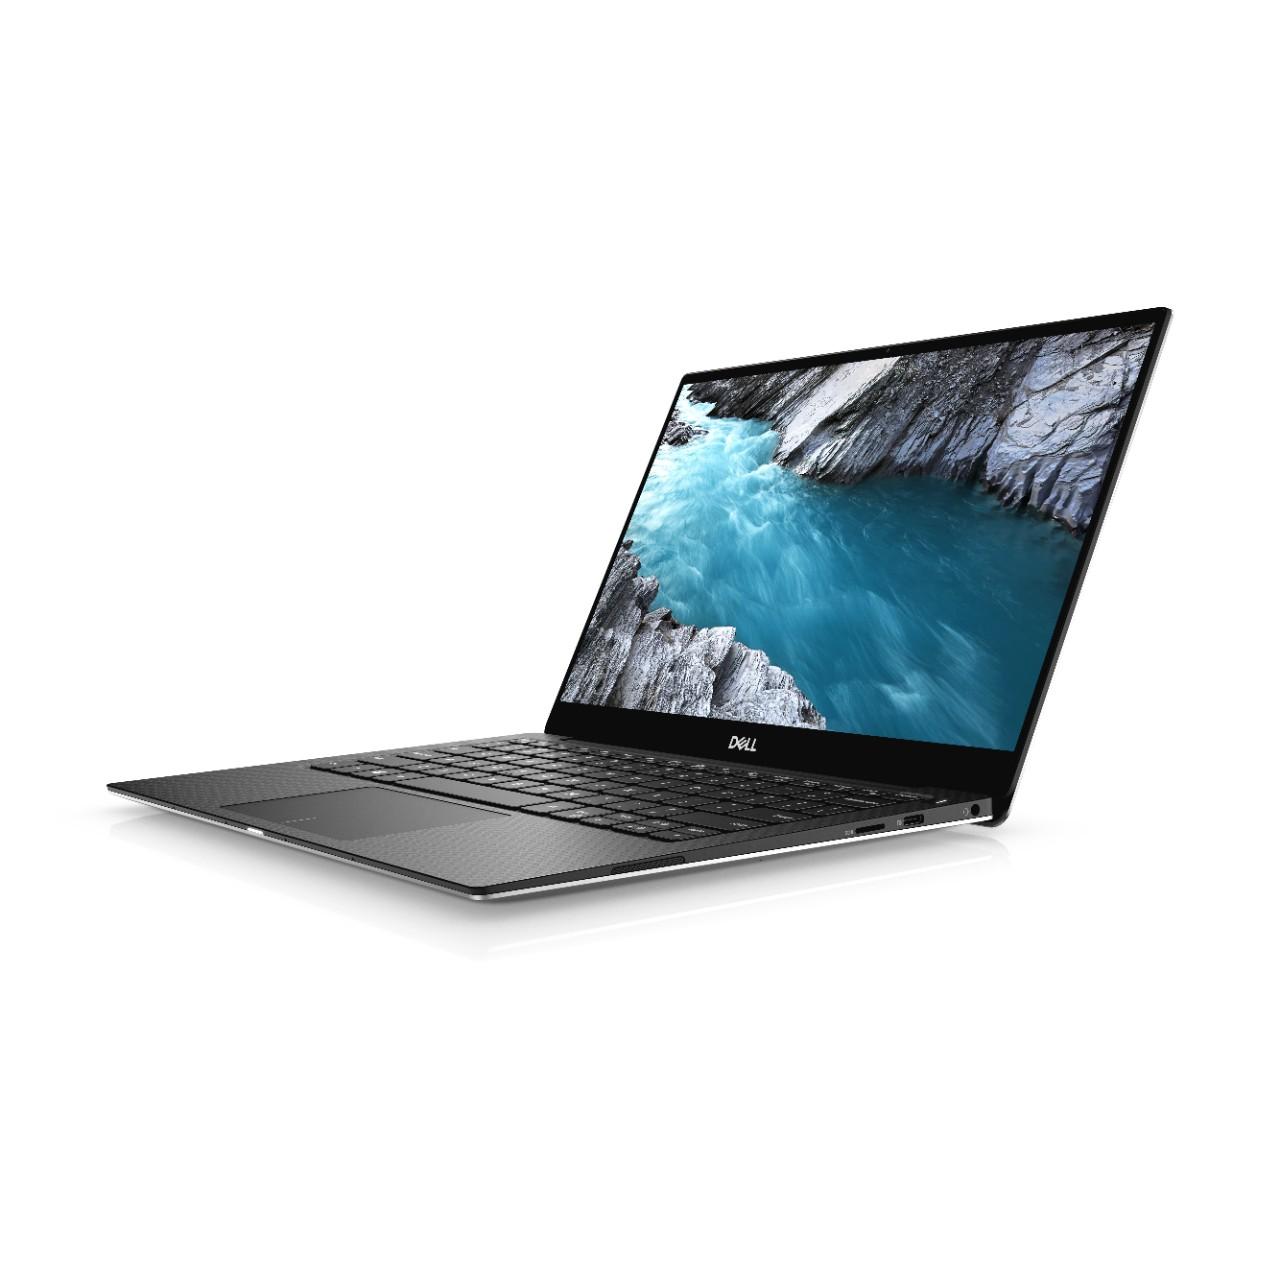 Dell XPS 9305 13'' FHD i5-1135G7/16GB/512GB SSD/FPR/MCR/THB/W10Pro/3RNBD/Stříbrno-černý - 9305-54996